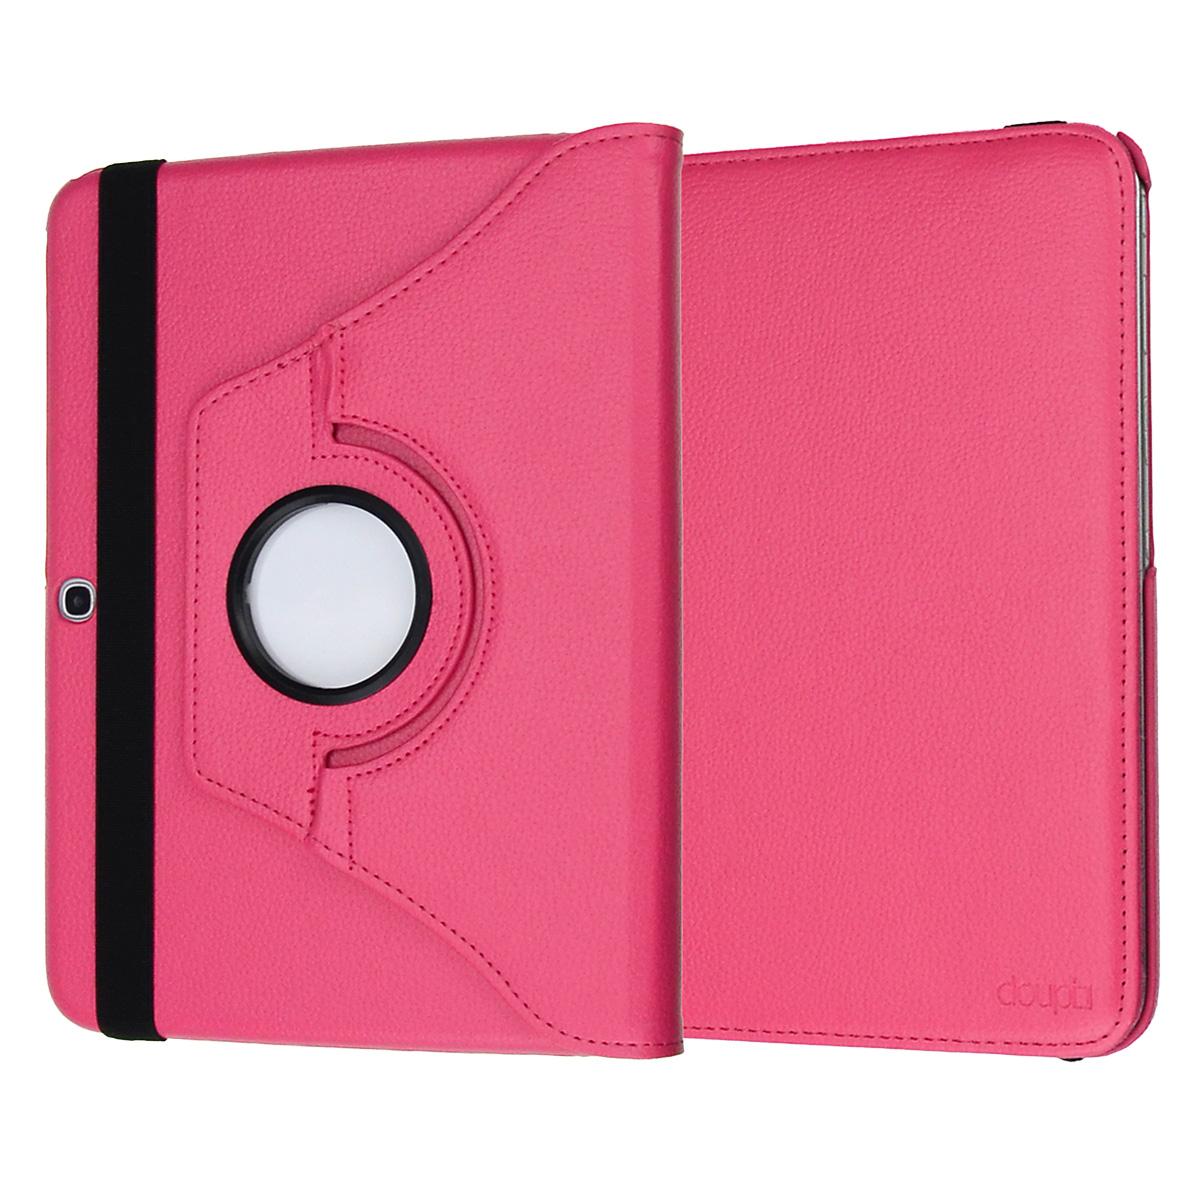 360-drehbar-Huelle-Samsung-Tab-E-9-6-Schutz-Cover-Case-Tasche-Etui-Staender-Folie Indexbild 18